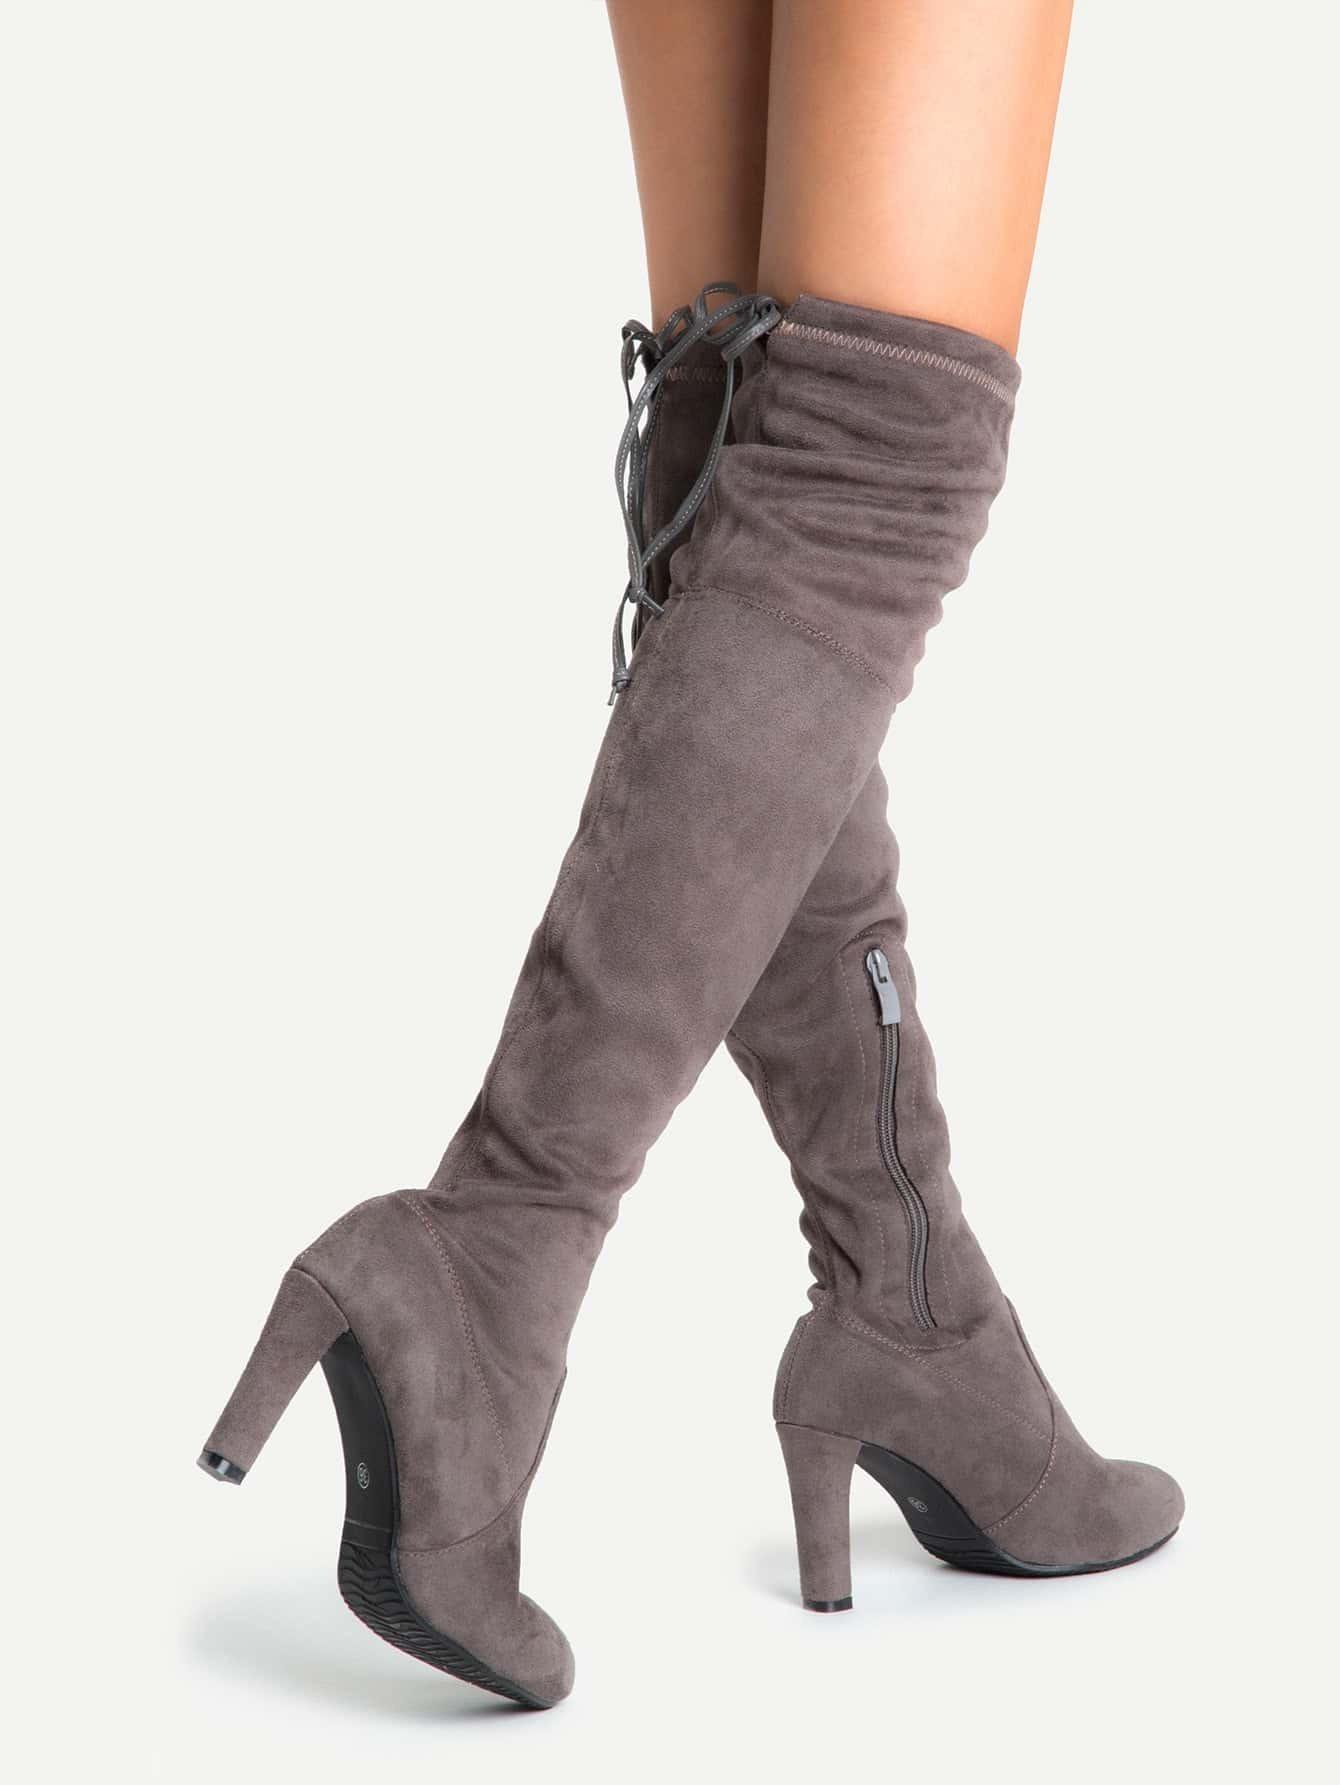 shoes160816807_2